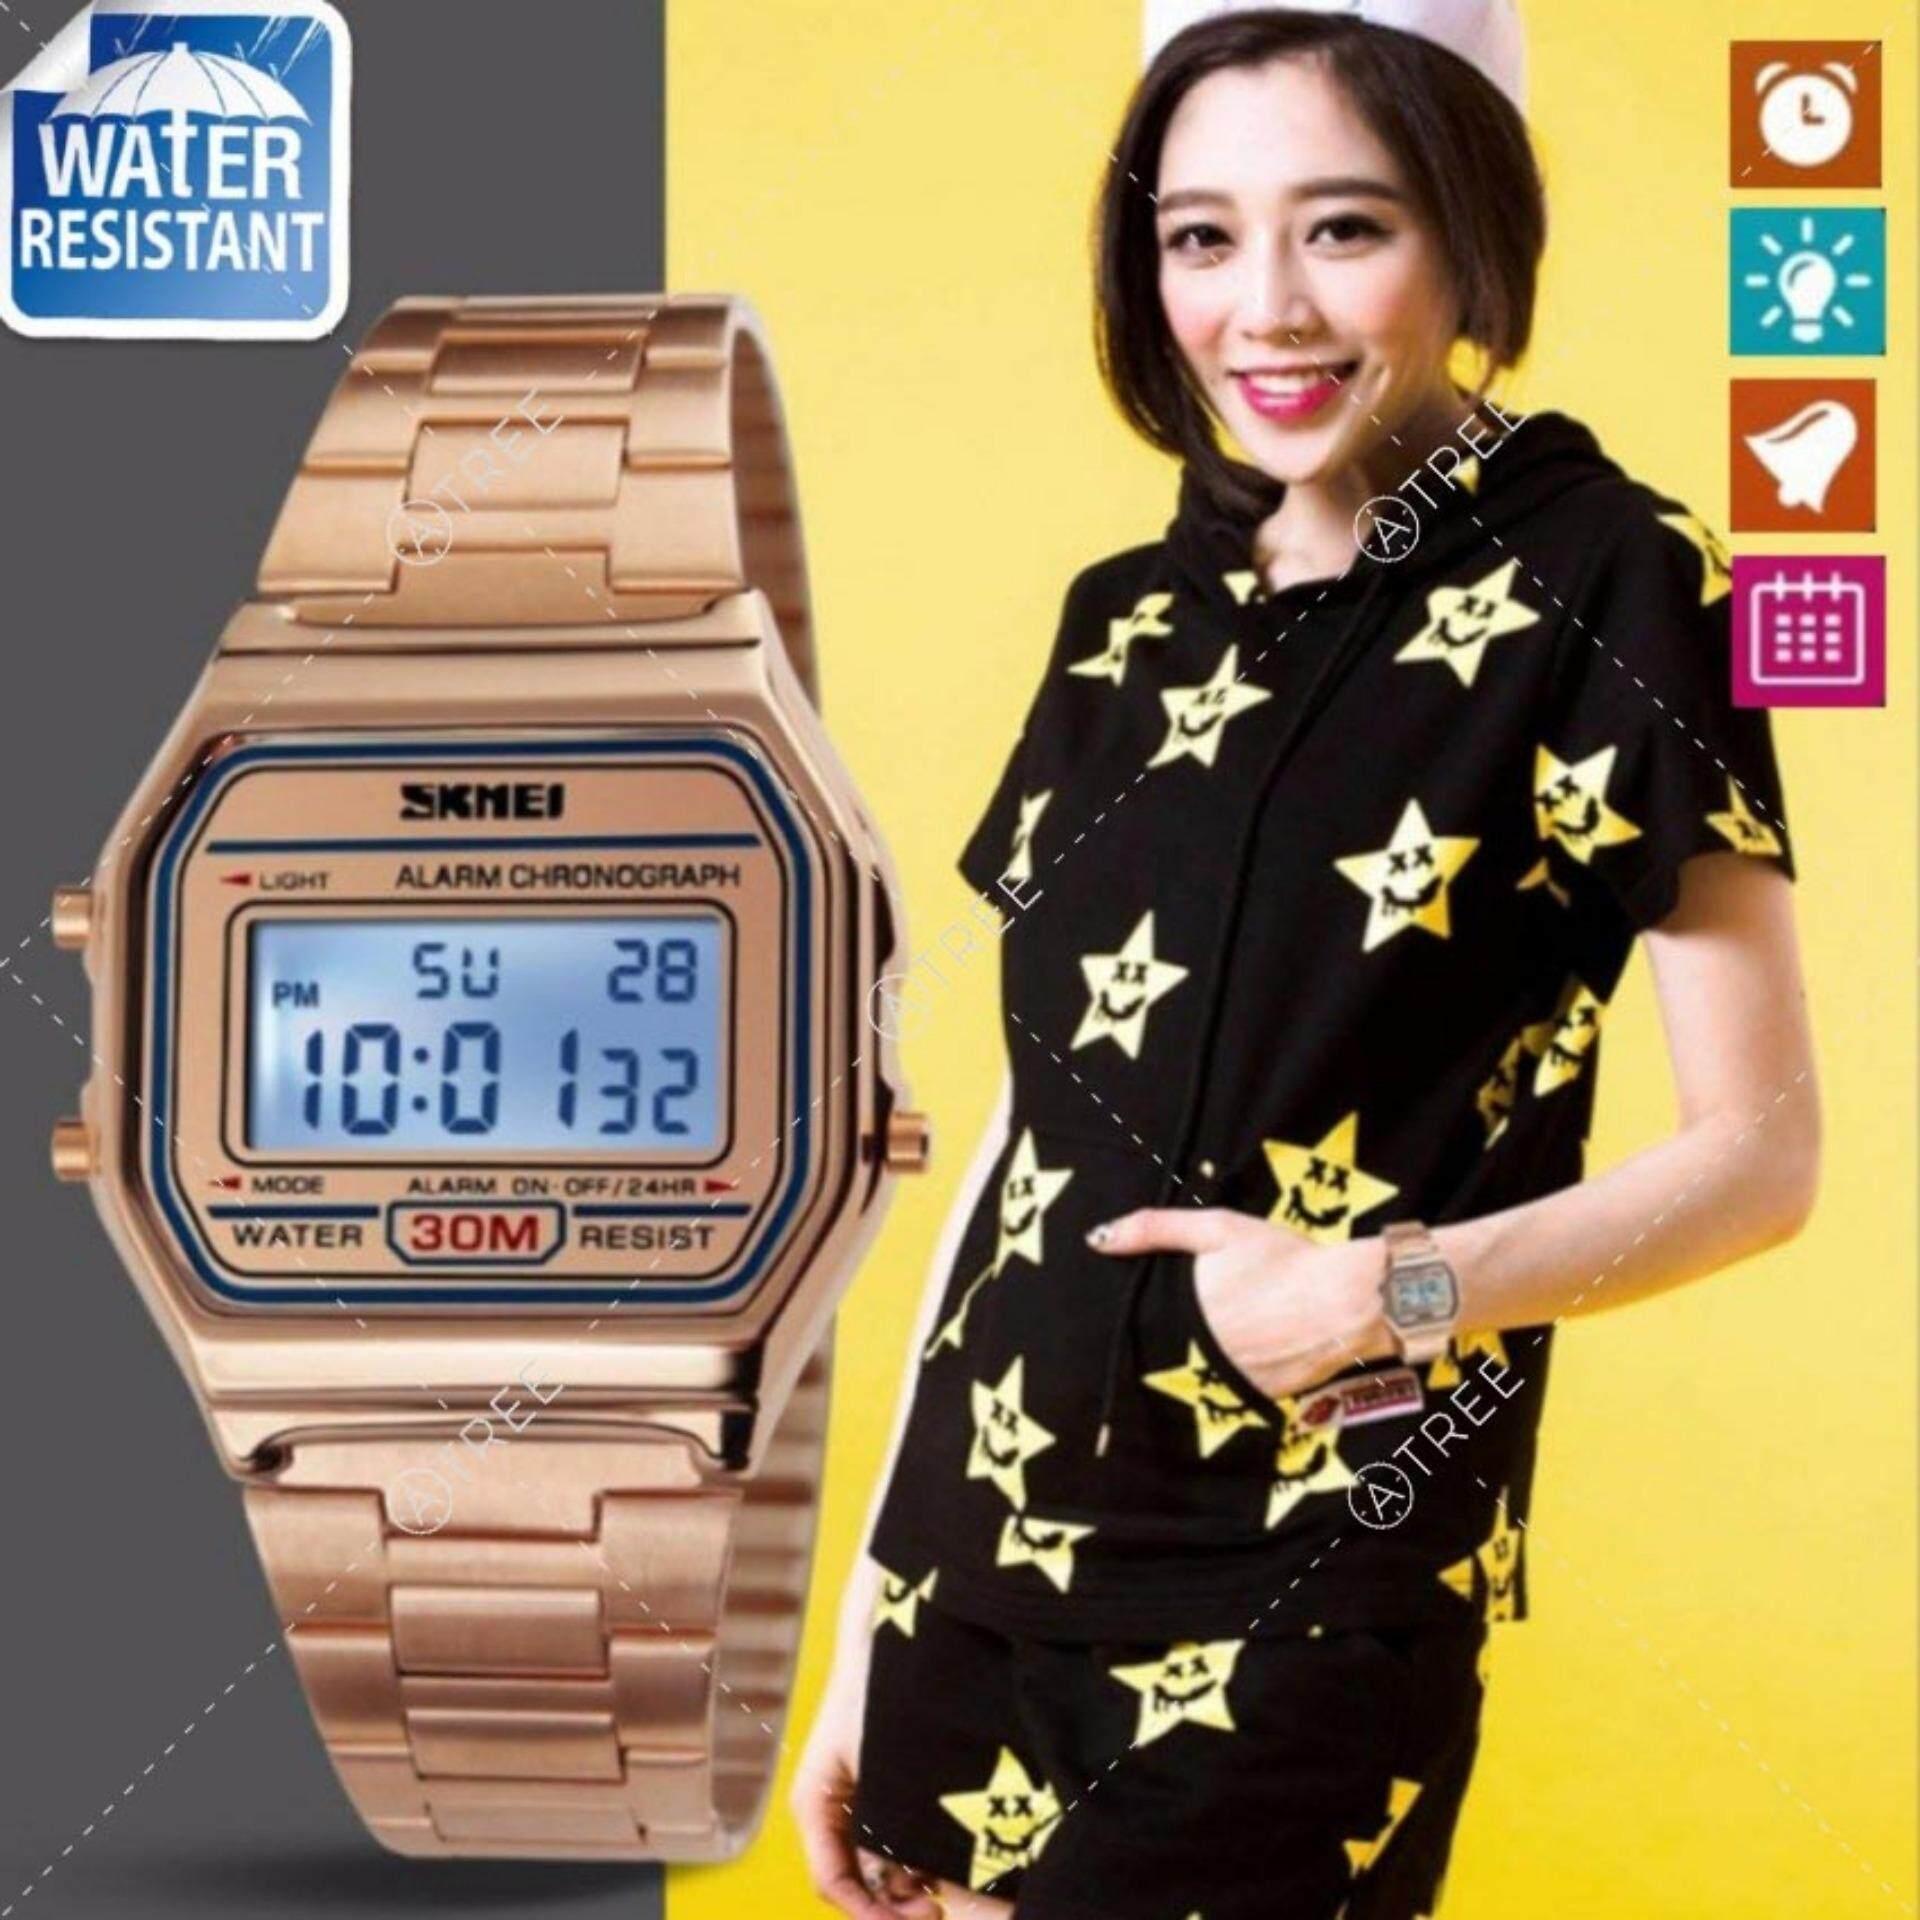 Skmei ของแท้ 100% ส่งในไทยไวแน่นอน นาฬิกาข้อมือผู้หญิง สไตล์ Casual Bussiness Watch จับเวลา ตั้งปลุกได้ ไฟ Led ส่องสว่าง สายแสตนเลส รุ่น Sk-M1123.